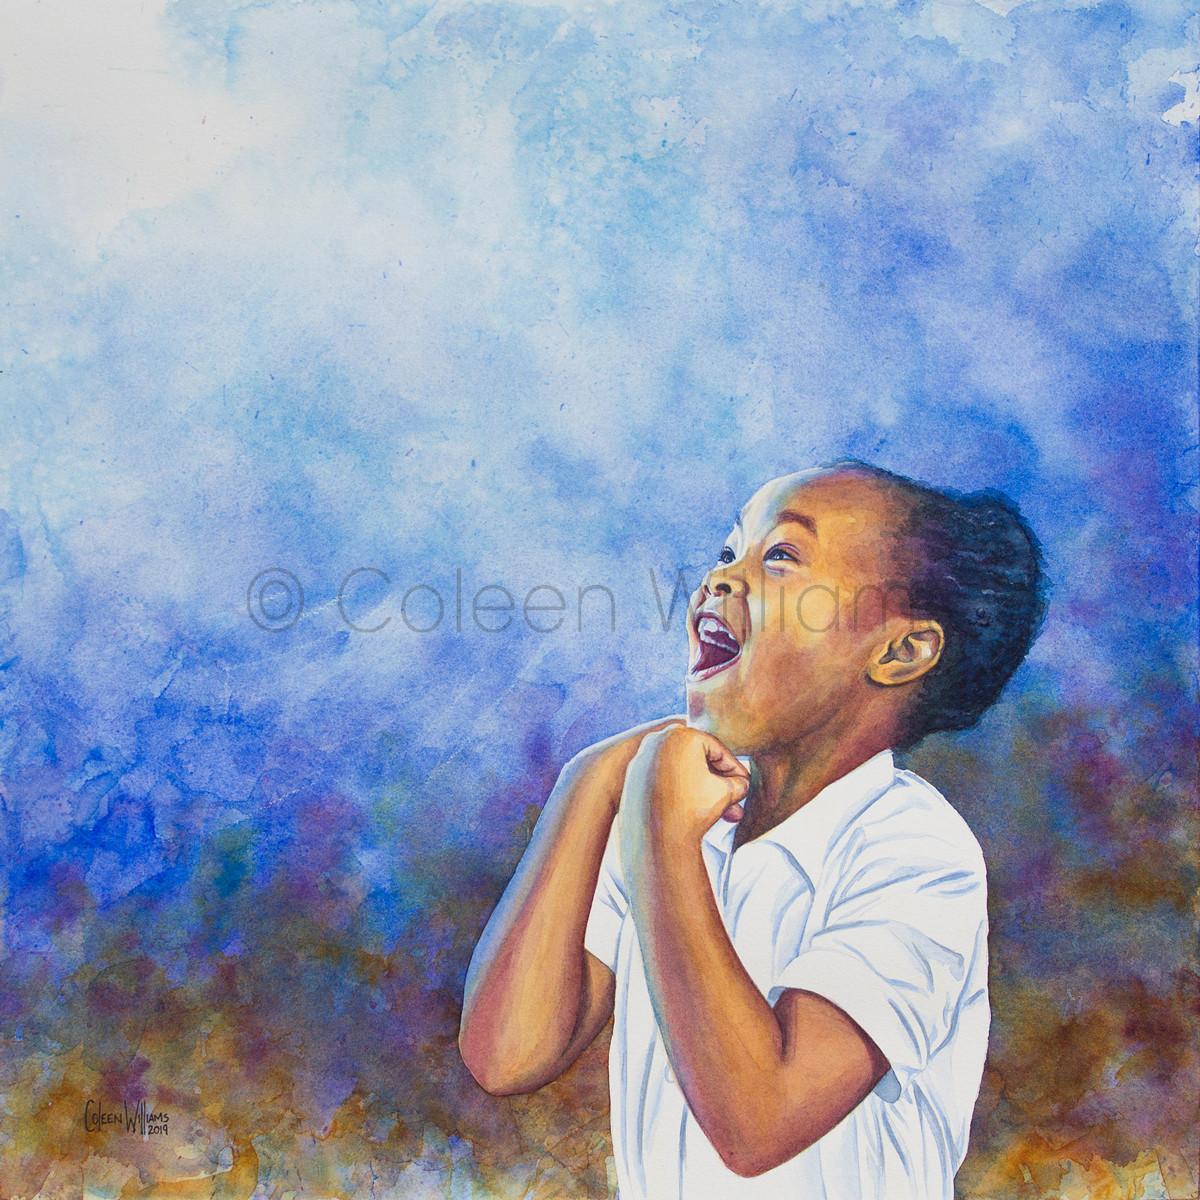 ColArt - Art by Coleen Williams - Wonder - Portrait